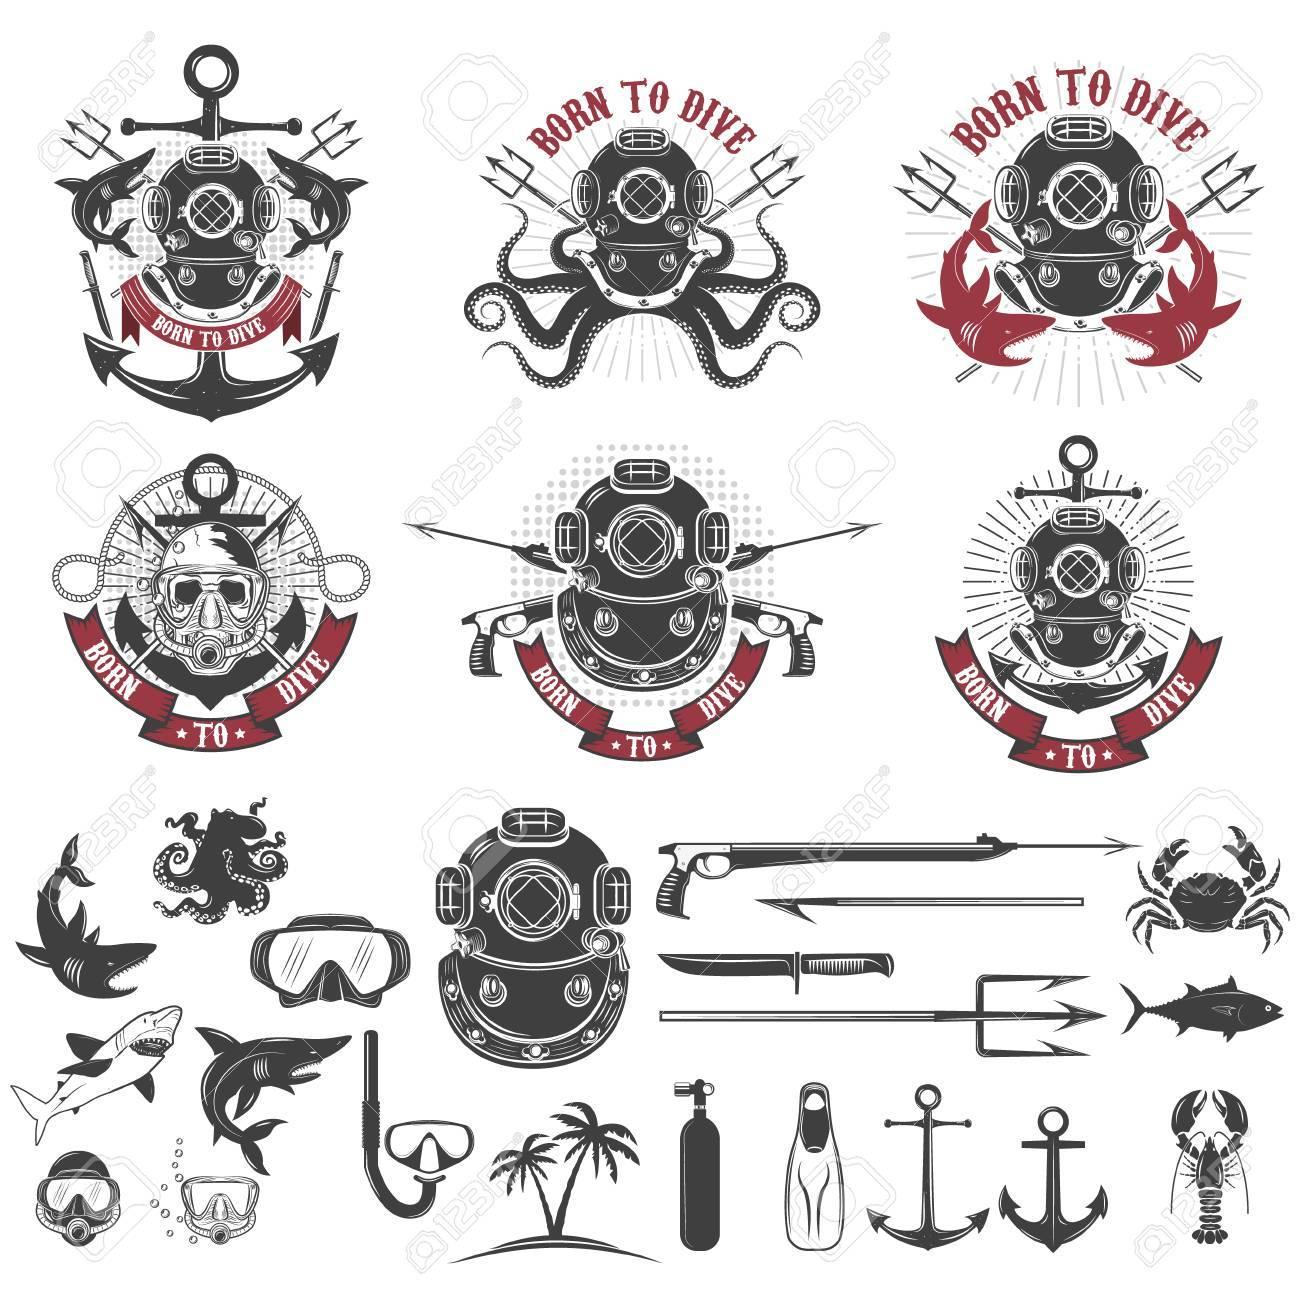 Born to dive. Set of vintage diver helmets, diver label templates and design elements. Design elements for logo, label, emblem, sign, badge, brand mark. Vector illustration. - 60497405